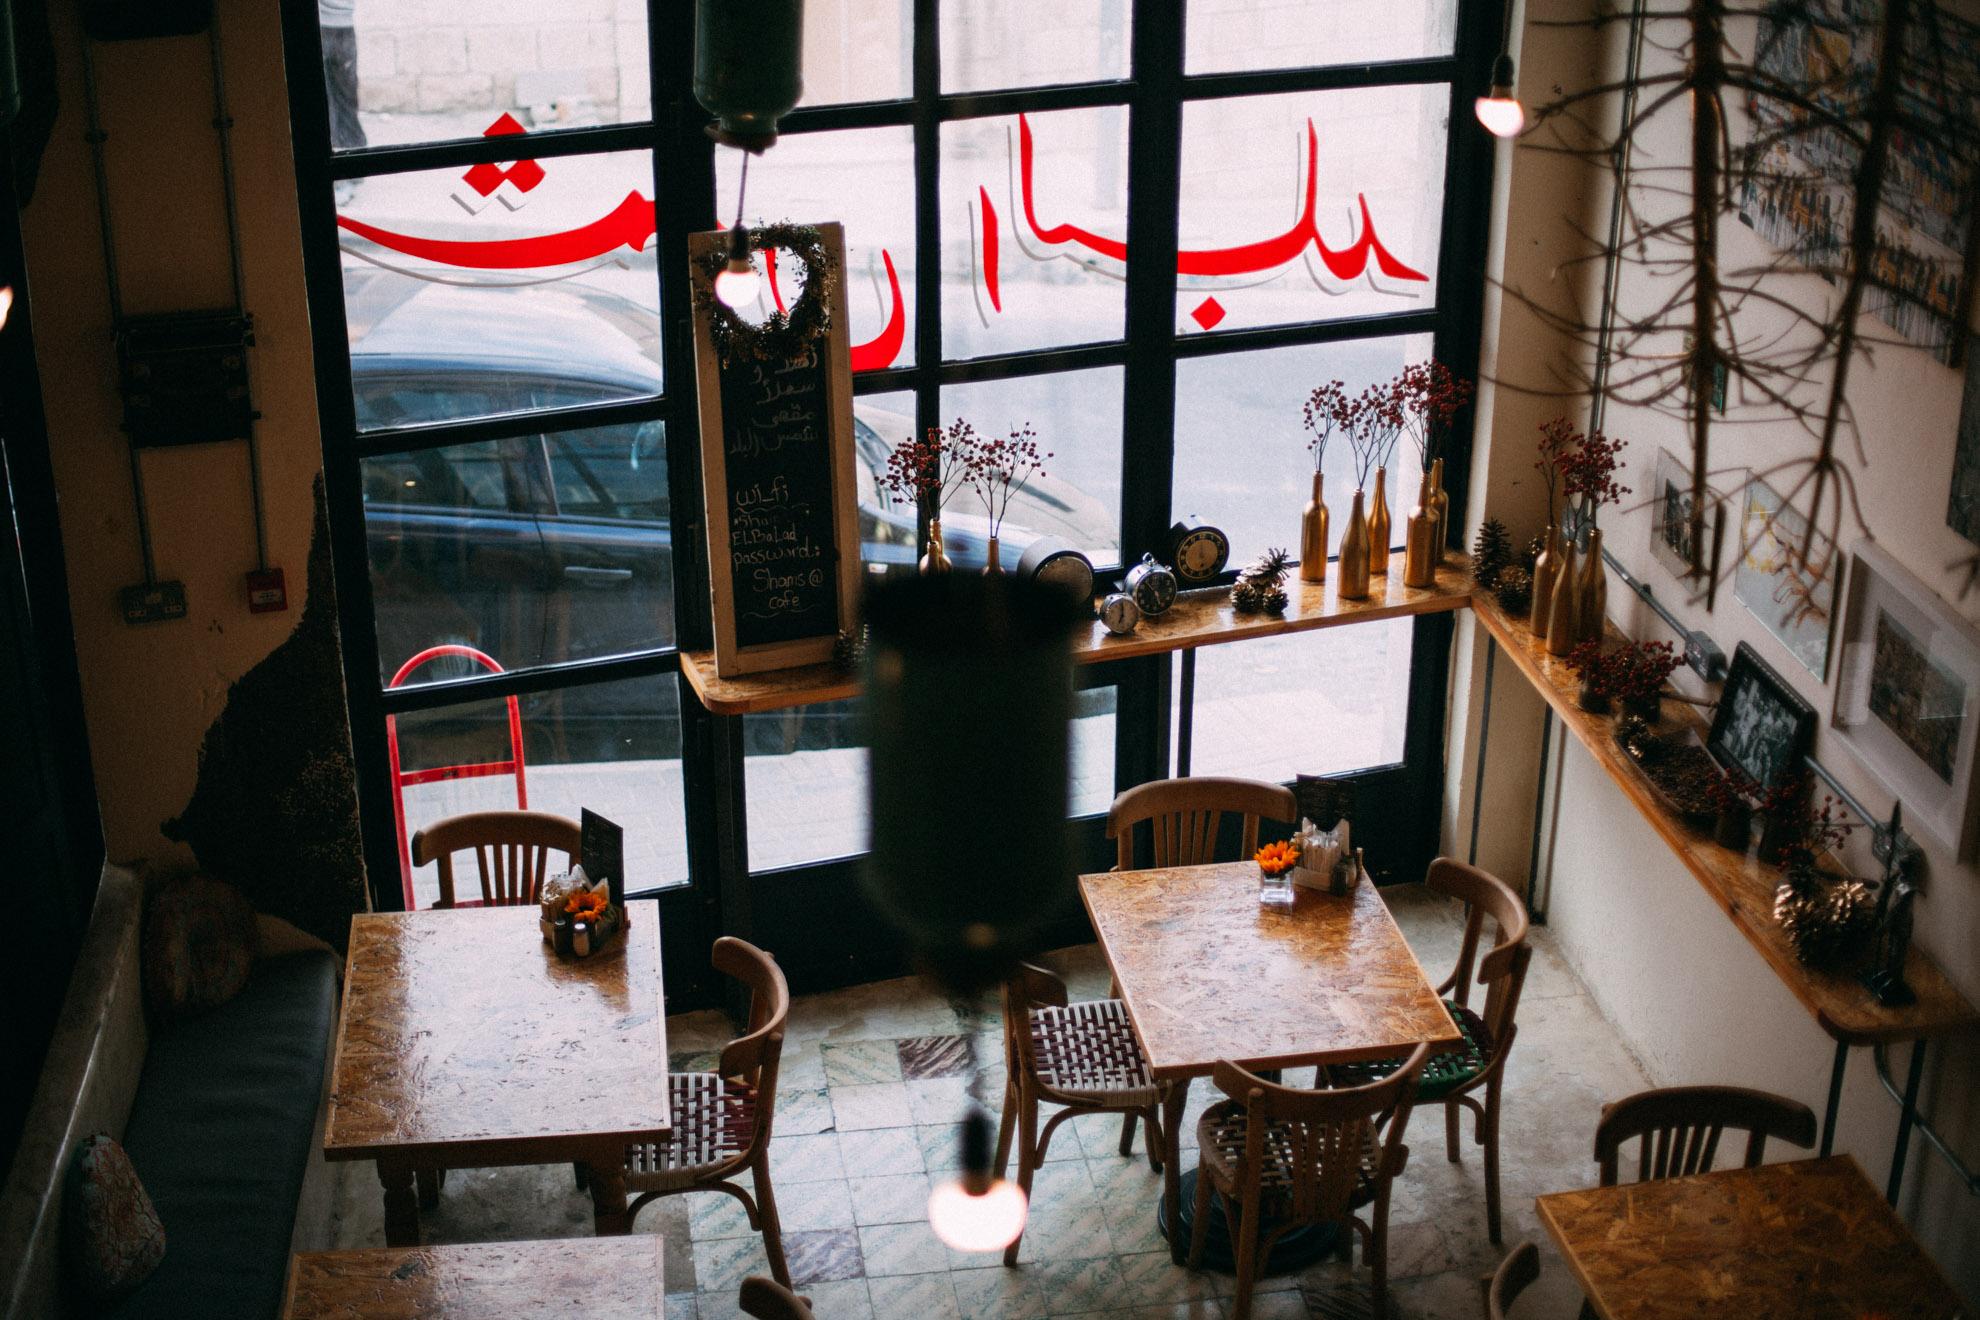 Restaurant Shams al Balad - Amman © Mehdi Drissi